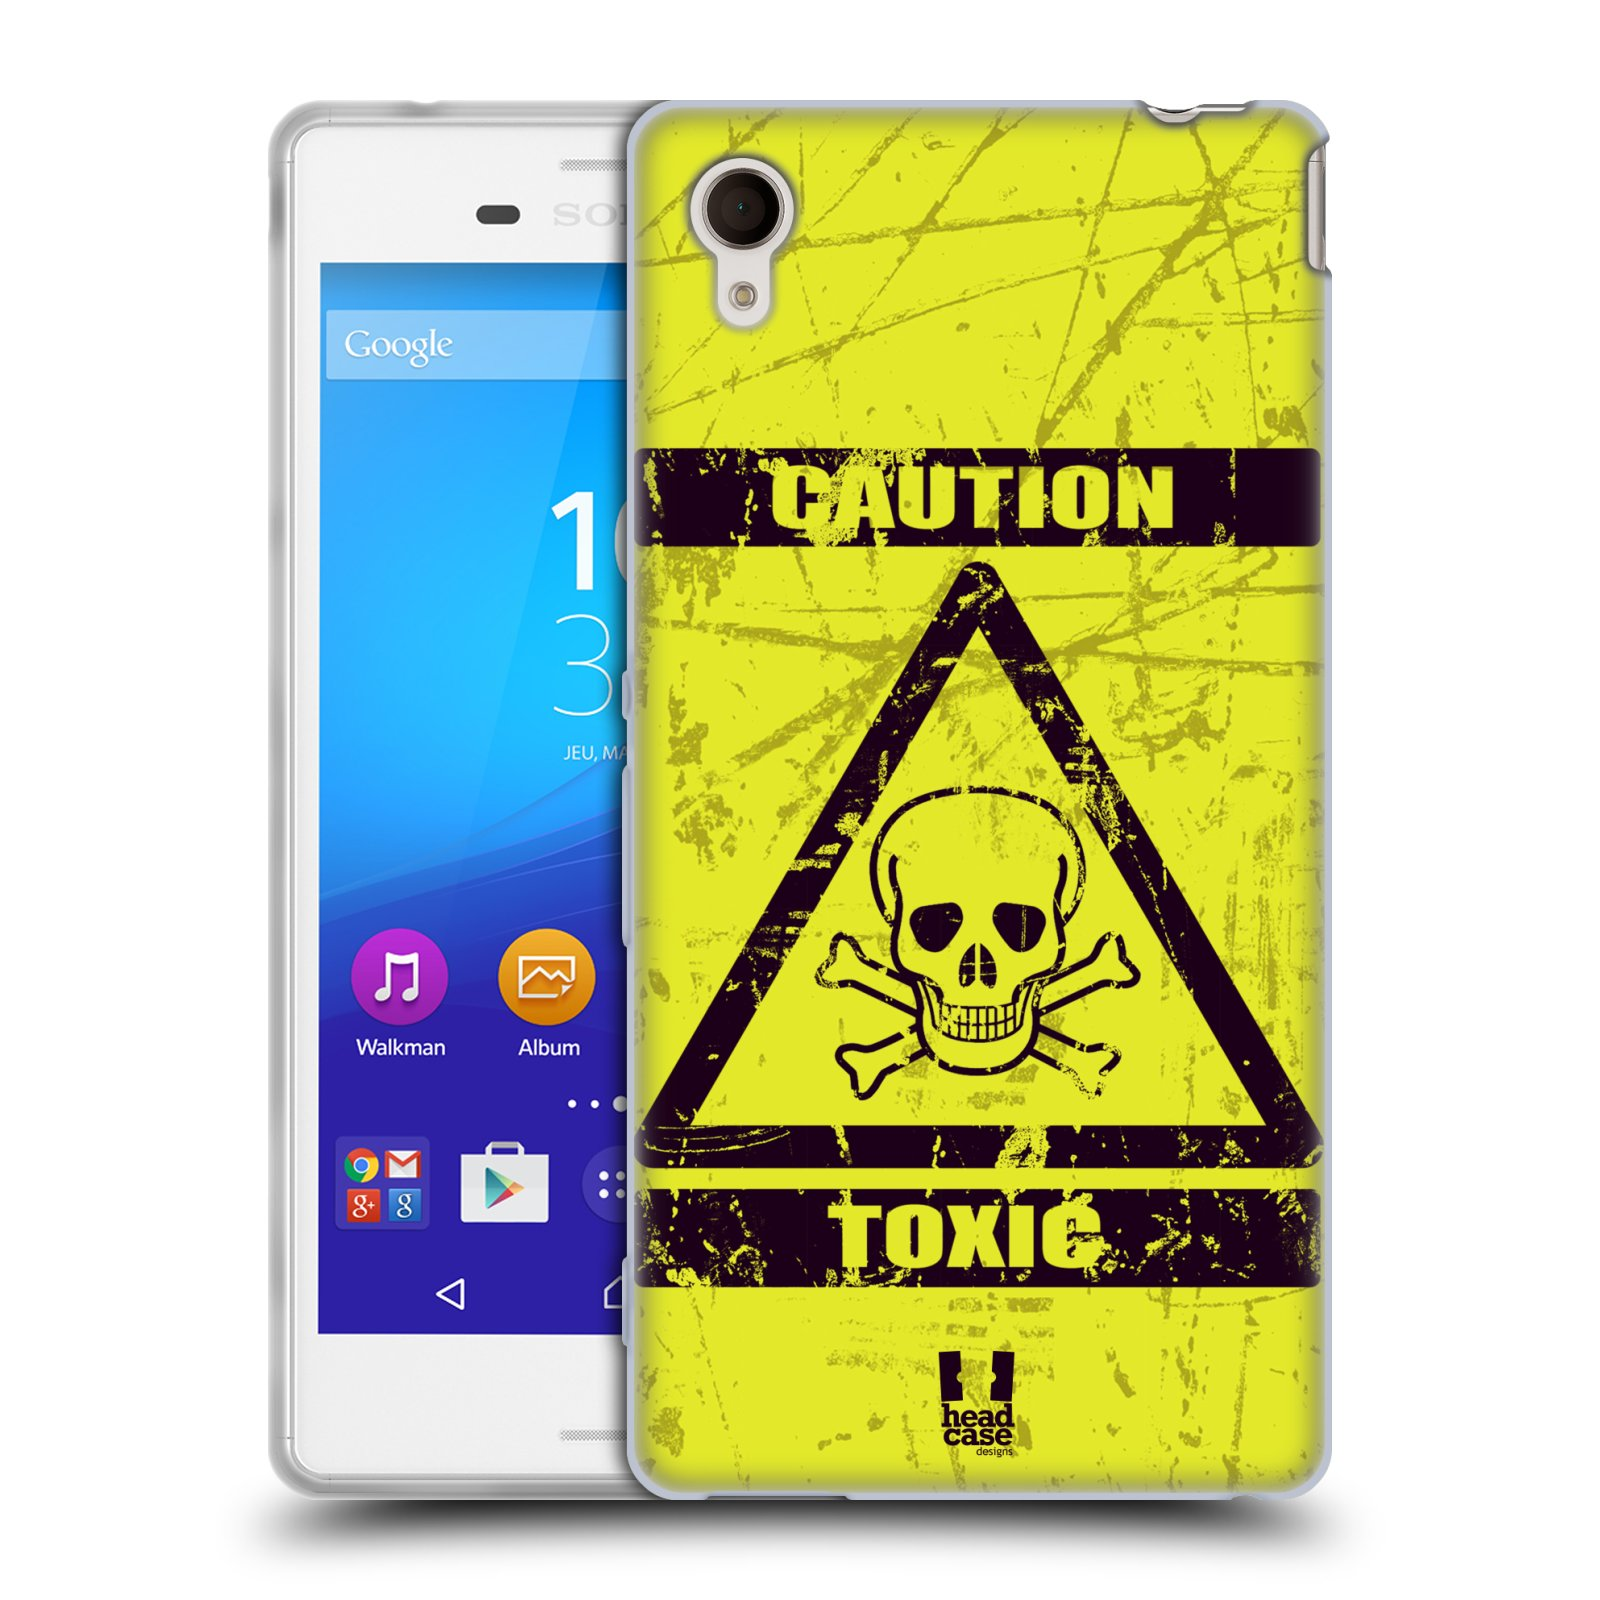 Silikonové pouzdro na mobil Sony Xperia M4 Aqua E2303 HEAD CASE TOXIC (Silikonový kryt či obal na mobilní telefon Sony Xperia M4 Aqua a M4 Aqua Dual SIM)